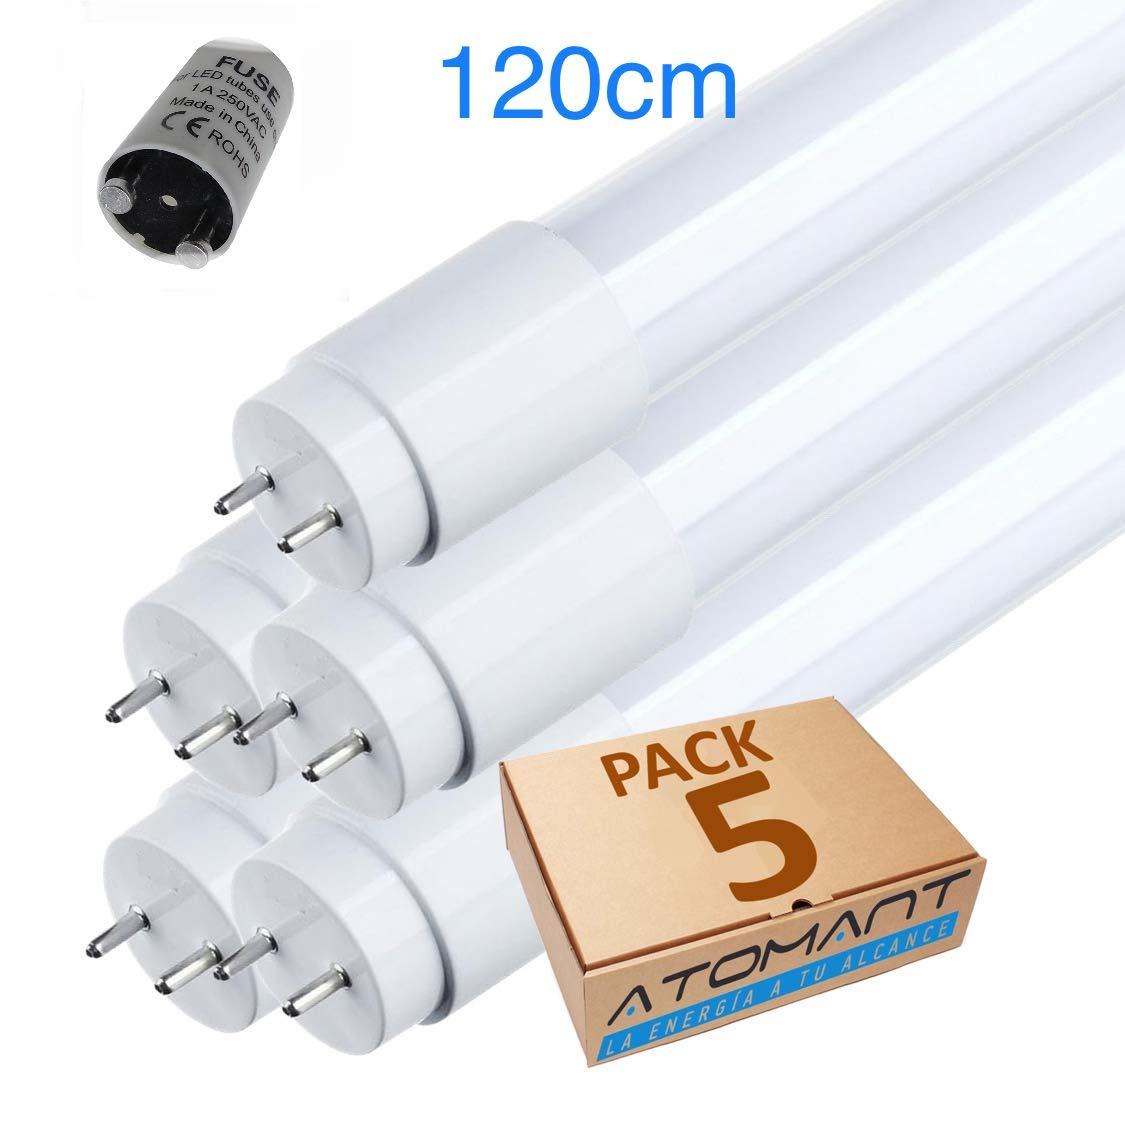 (LA) 5x Tubo LED 360 grados - 120cm, blanco frío (6500K)